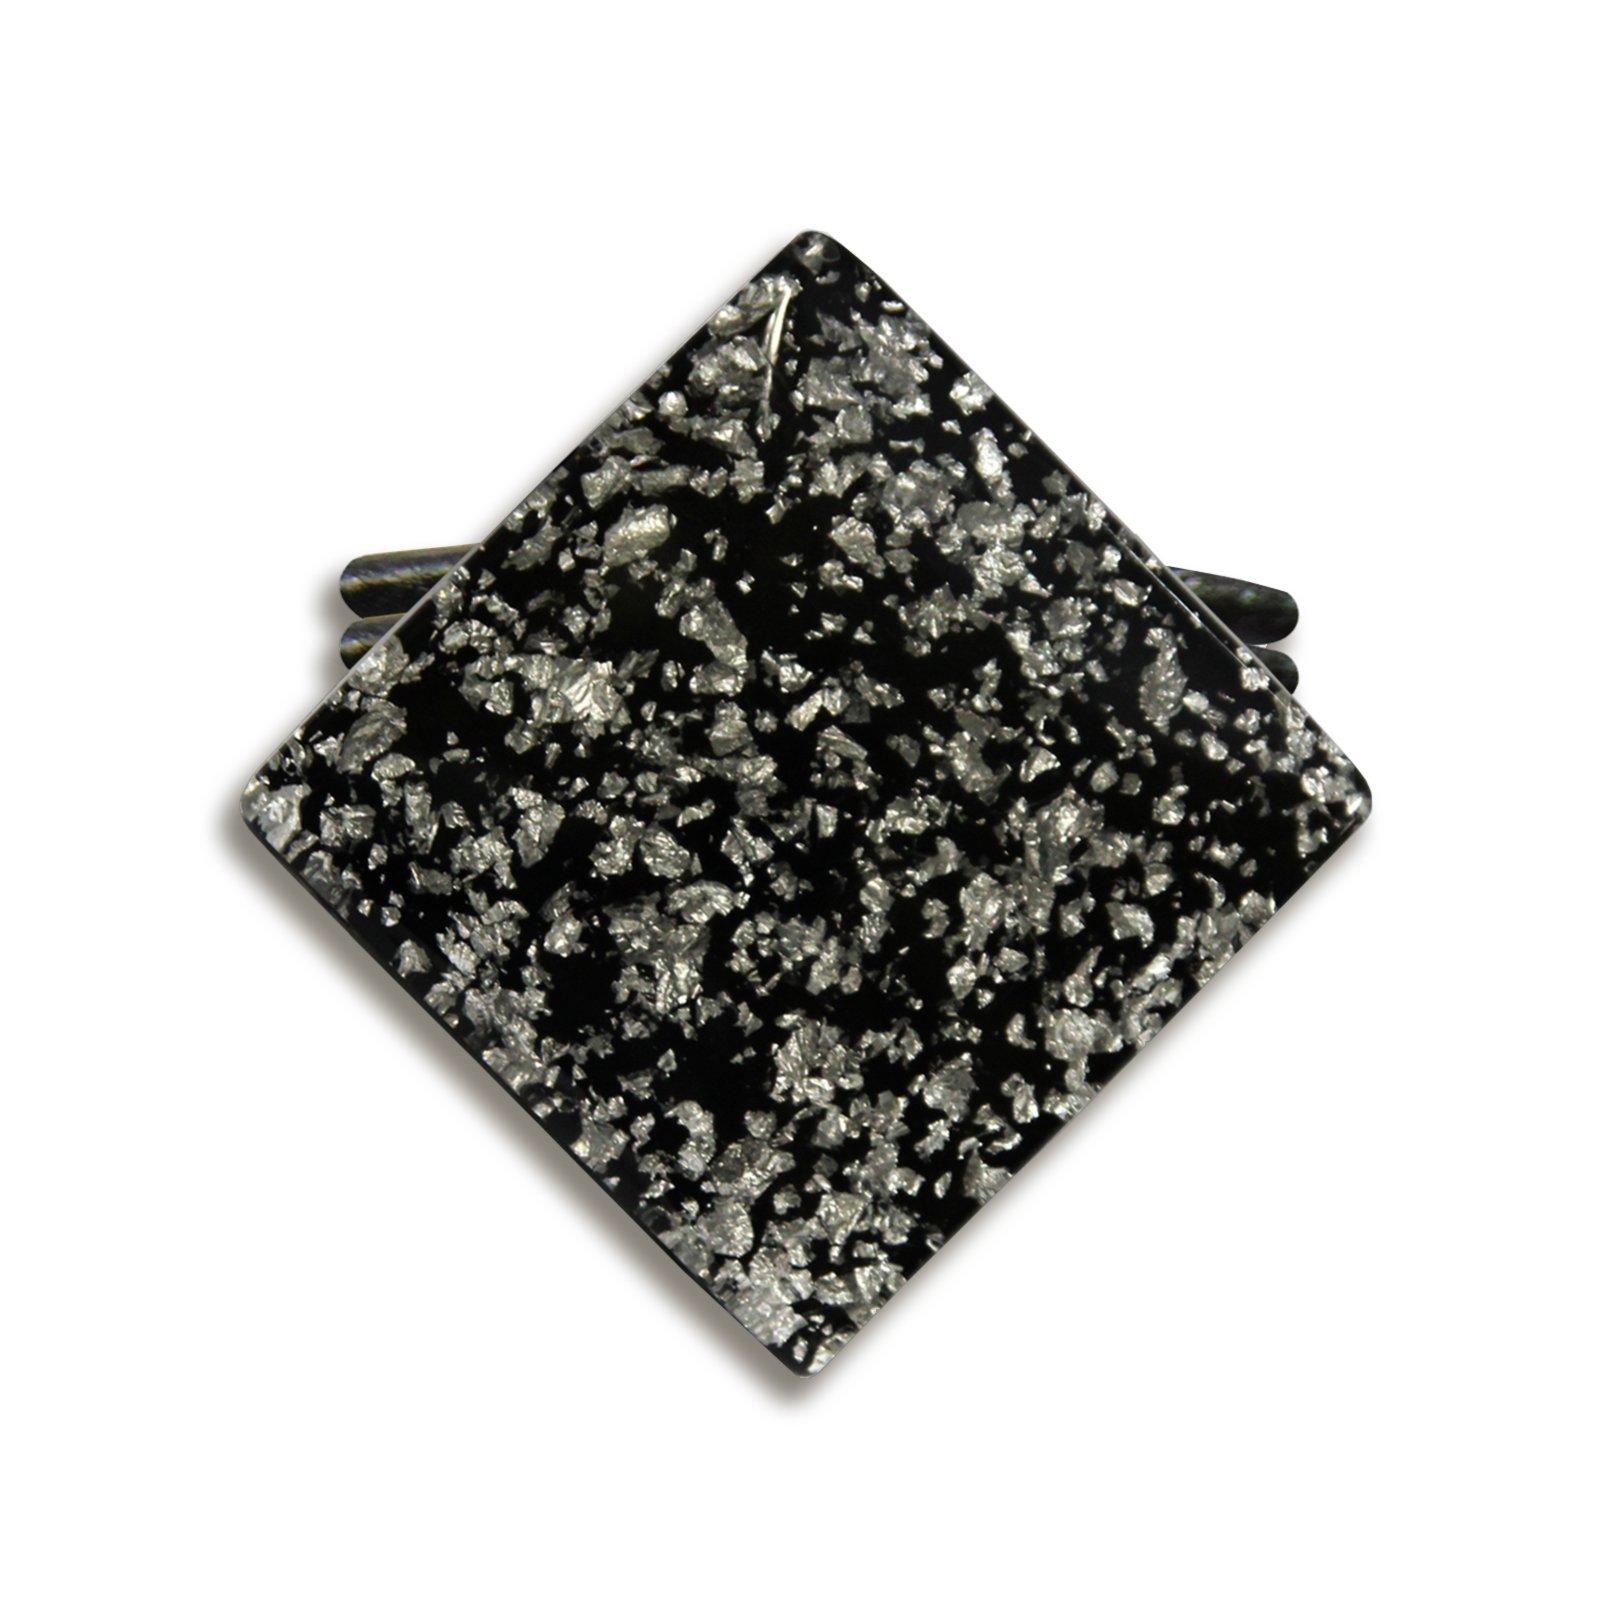 raffhalter perlmutt schwarz wei 6 5 cm. Black Bedroom Furniture Sets. Home Design Ideas